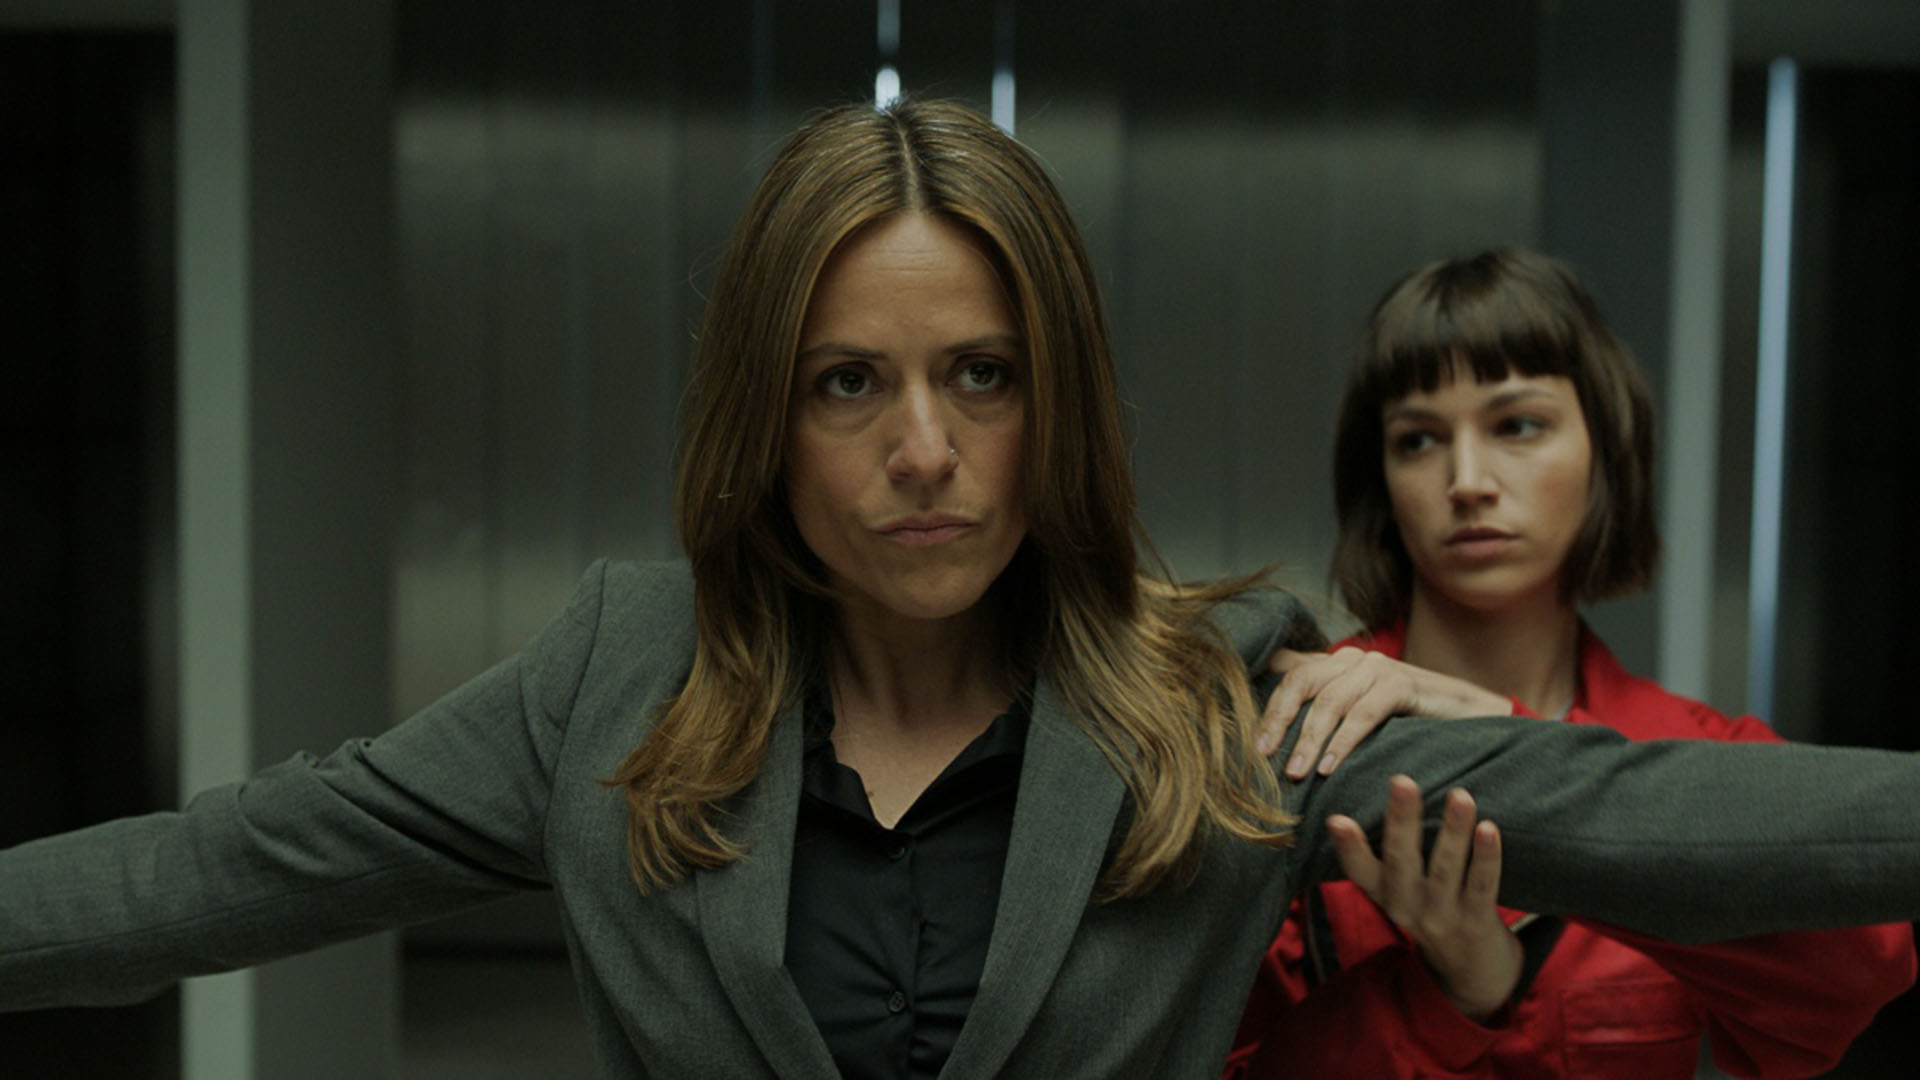 """La Casa de Papel"""": actriz que da vida a Lisboa deja en duda si habrá quinta  temporada - Infobae"""